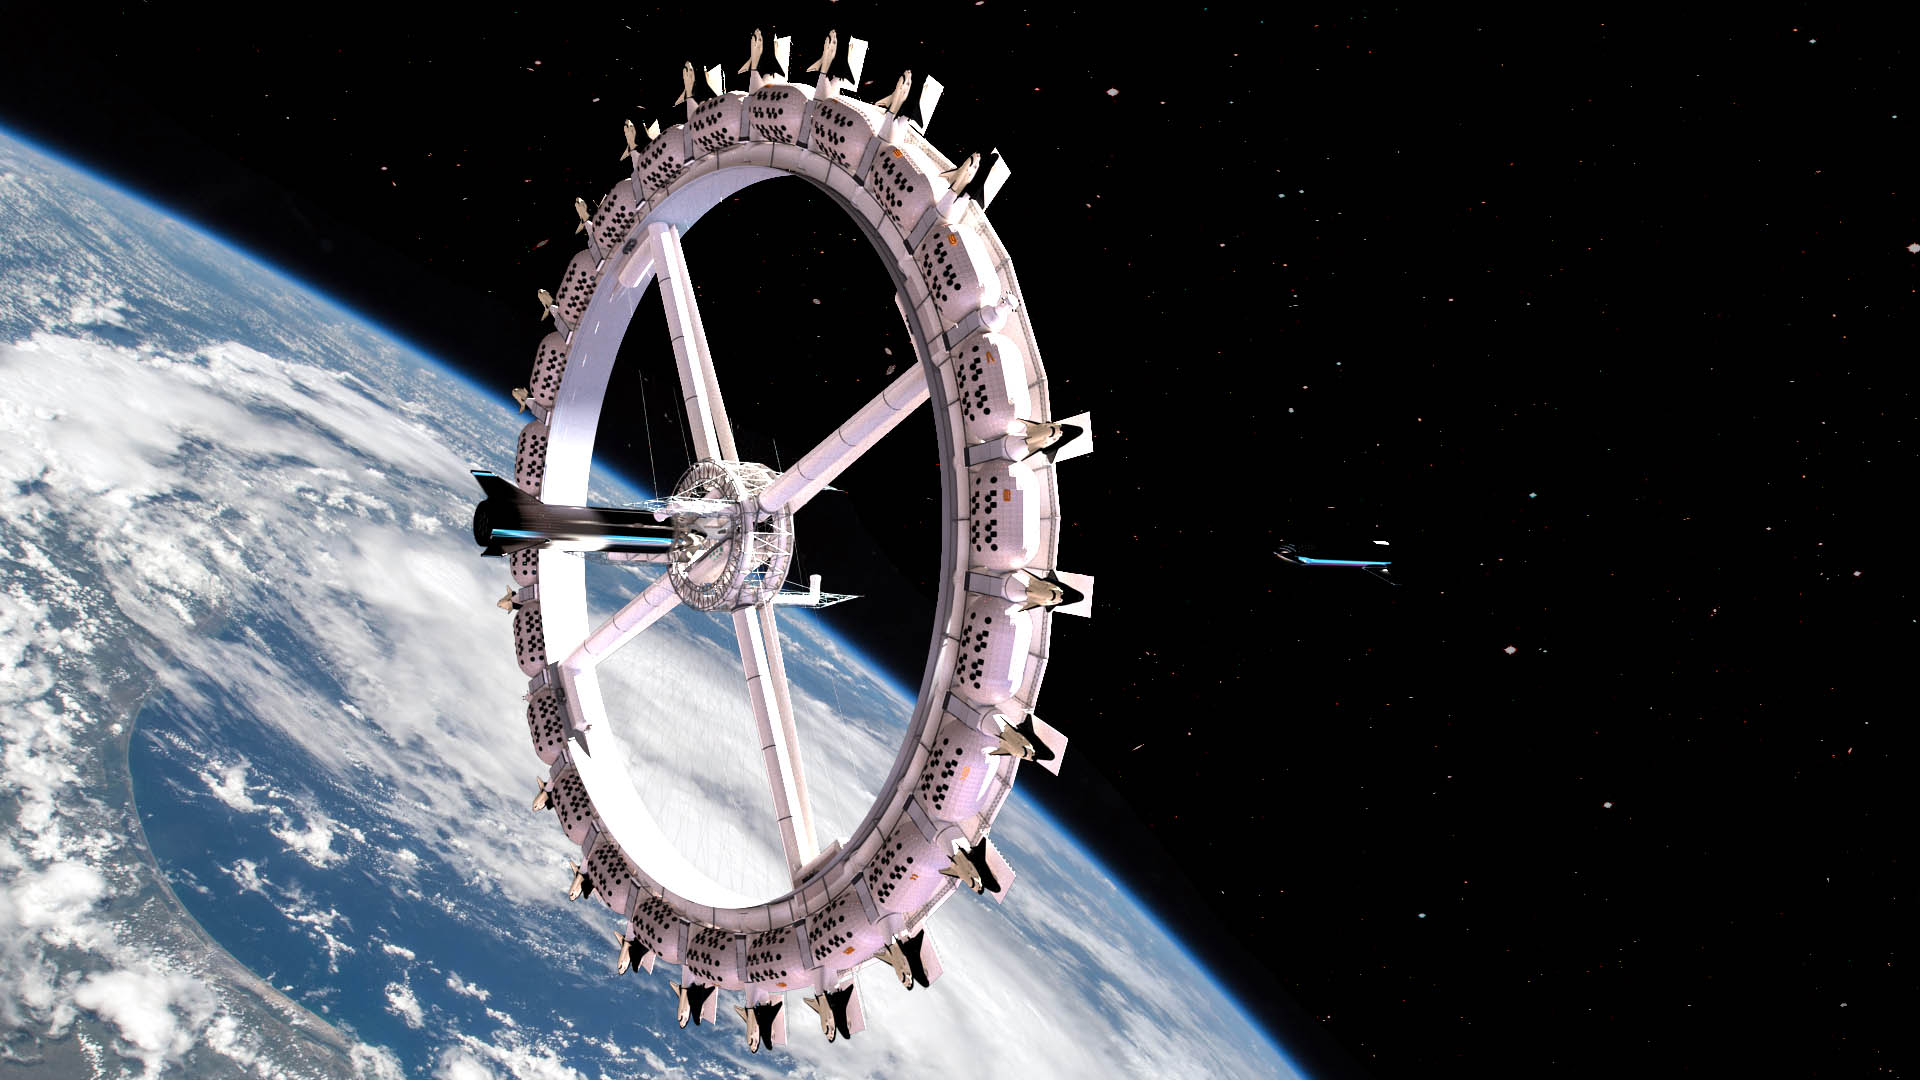 Орбитальная станция с искусственной гравитацией: наступит ли будущее в 2025 году?